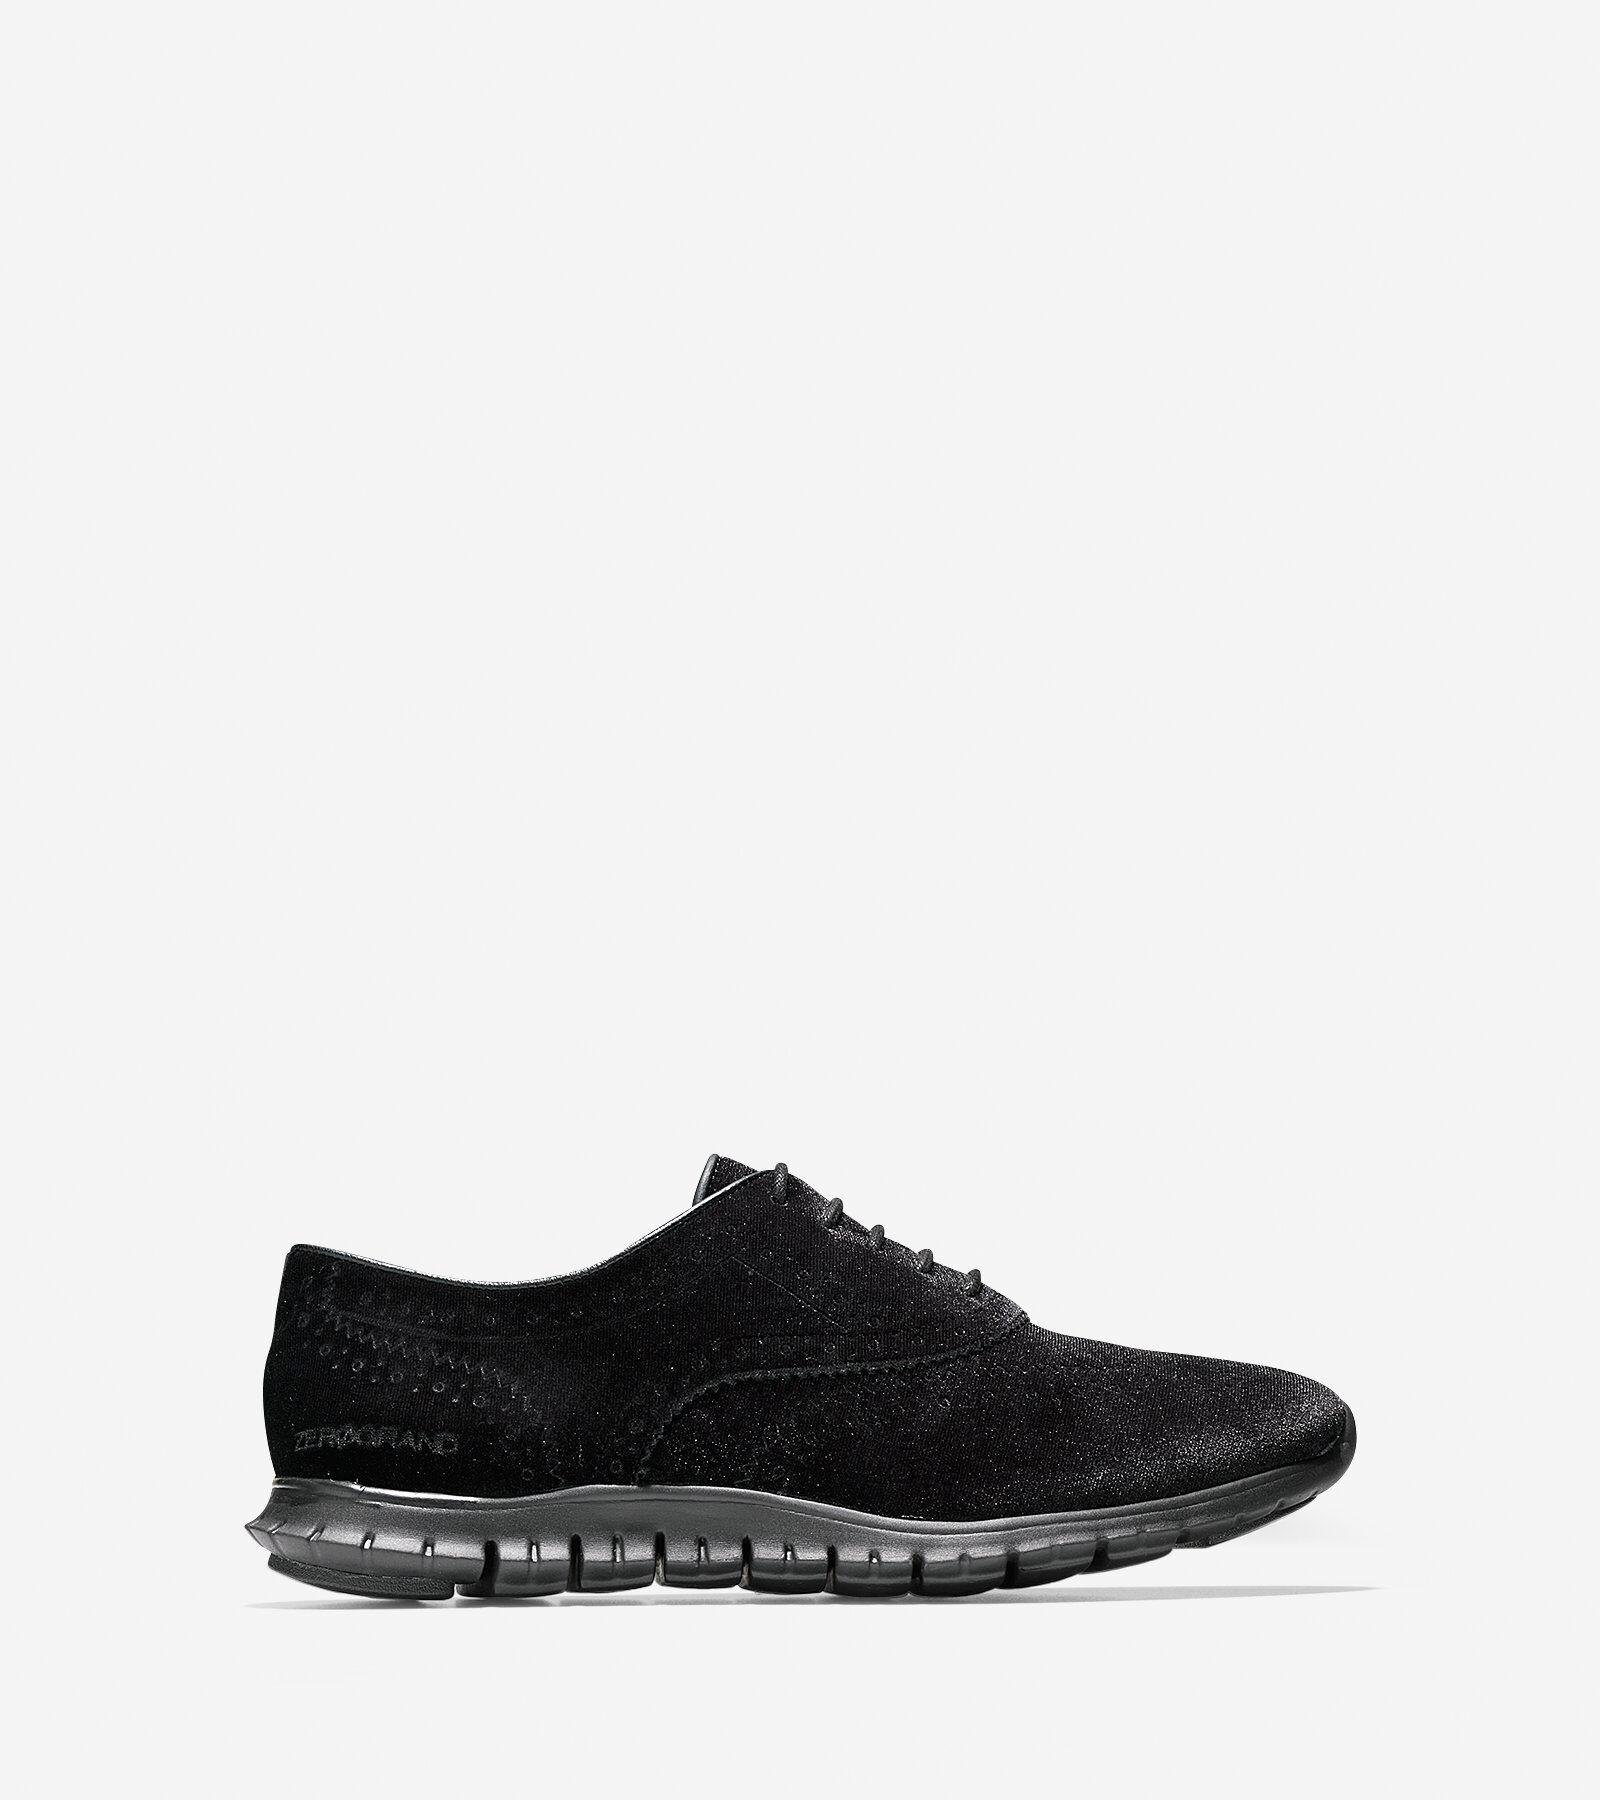 cole haan shoes women zero grand wingtip saleen focus 718017